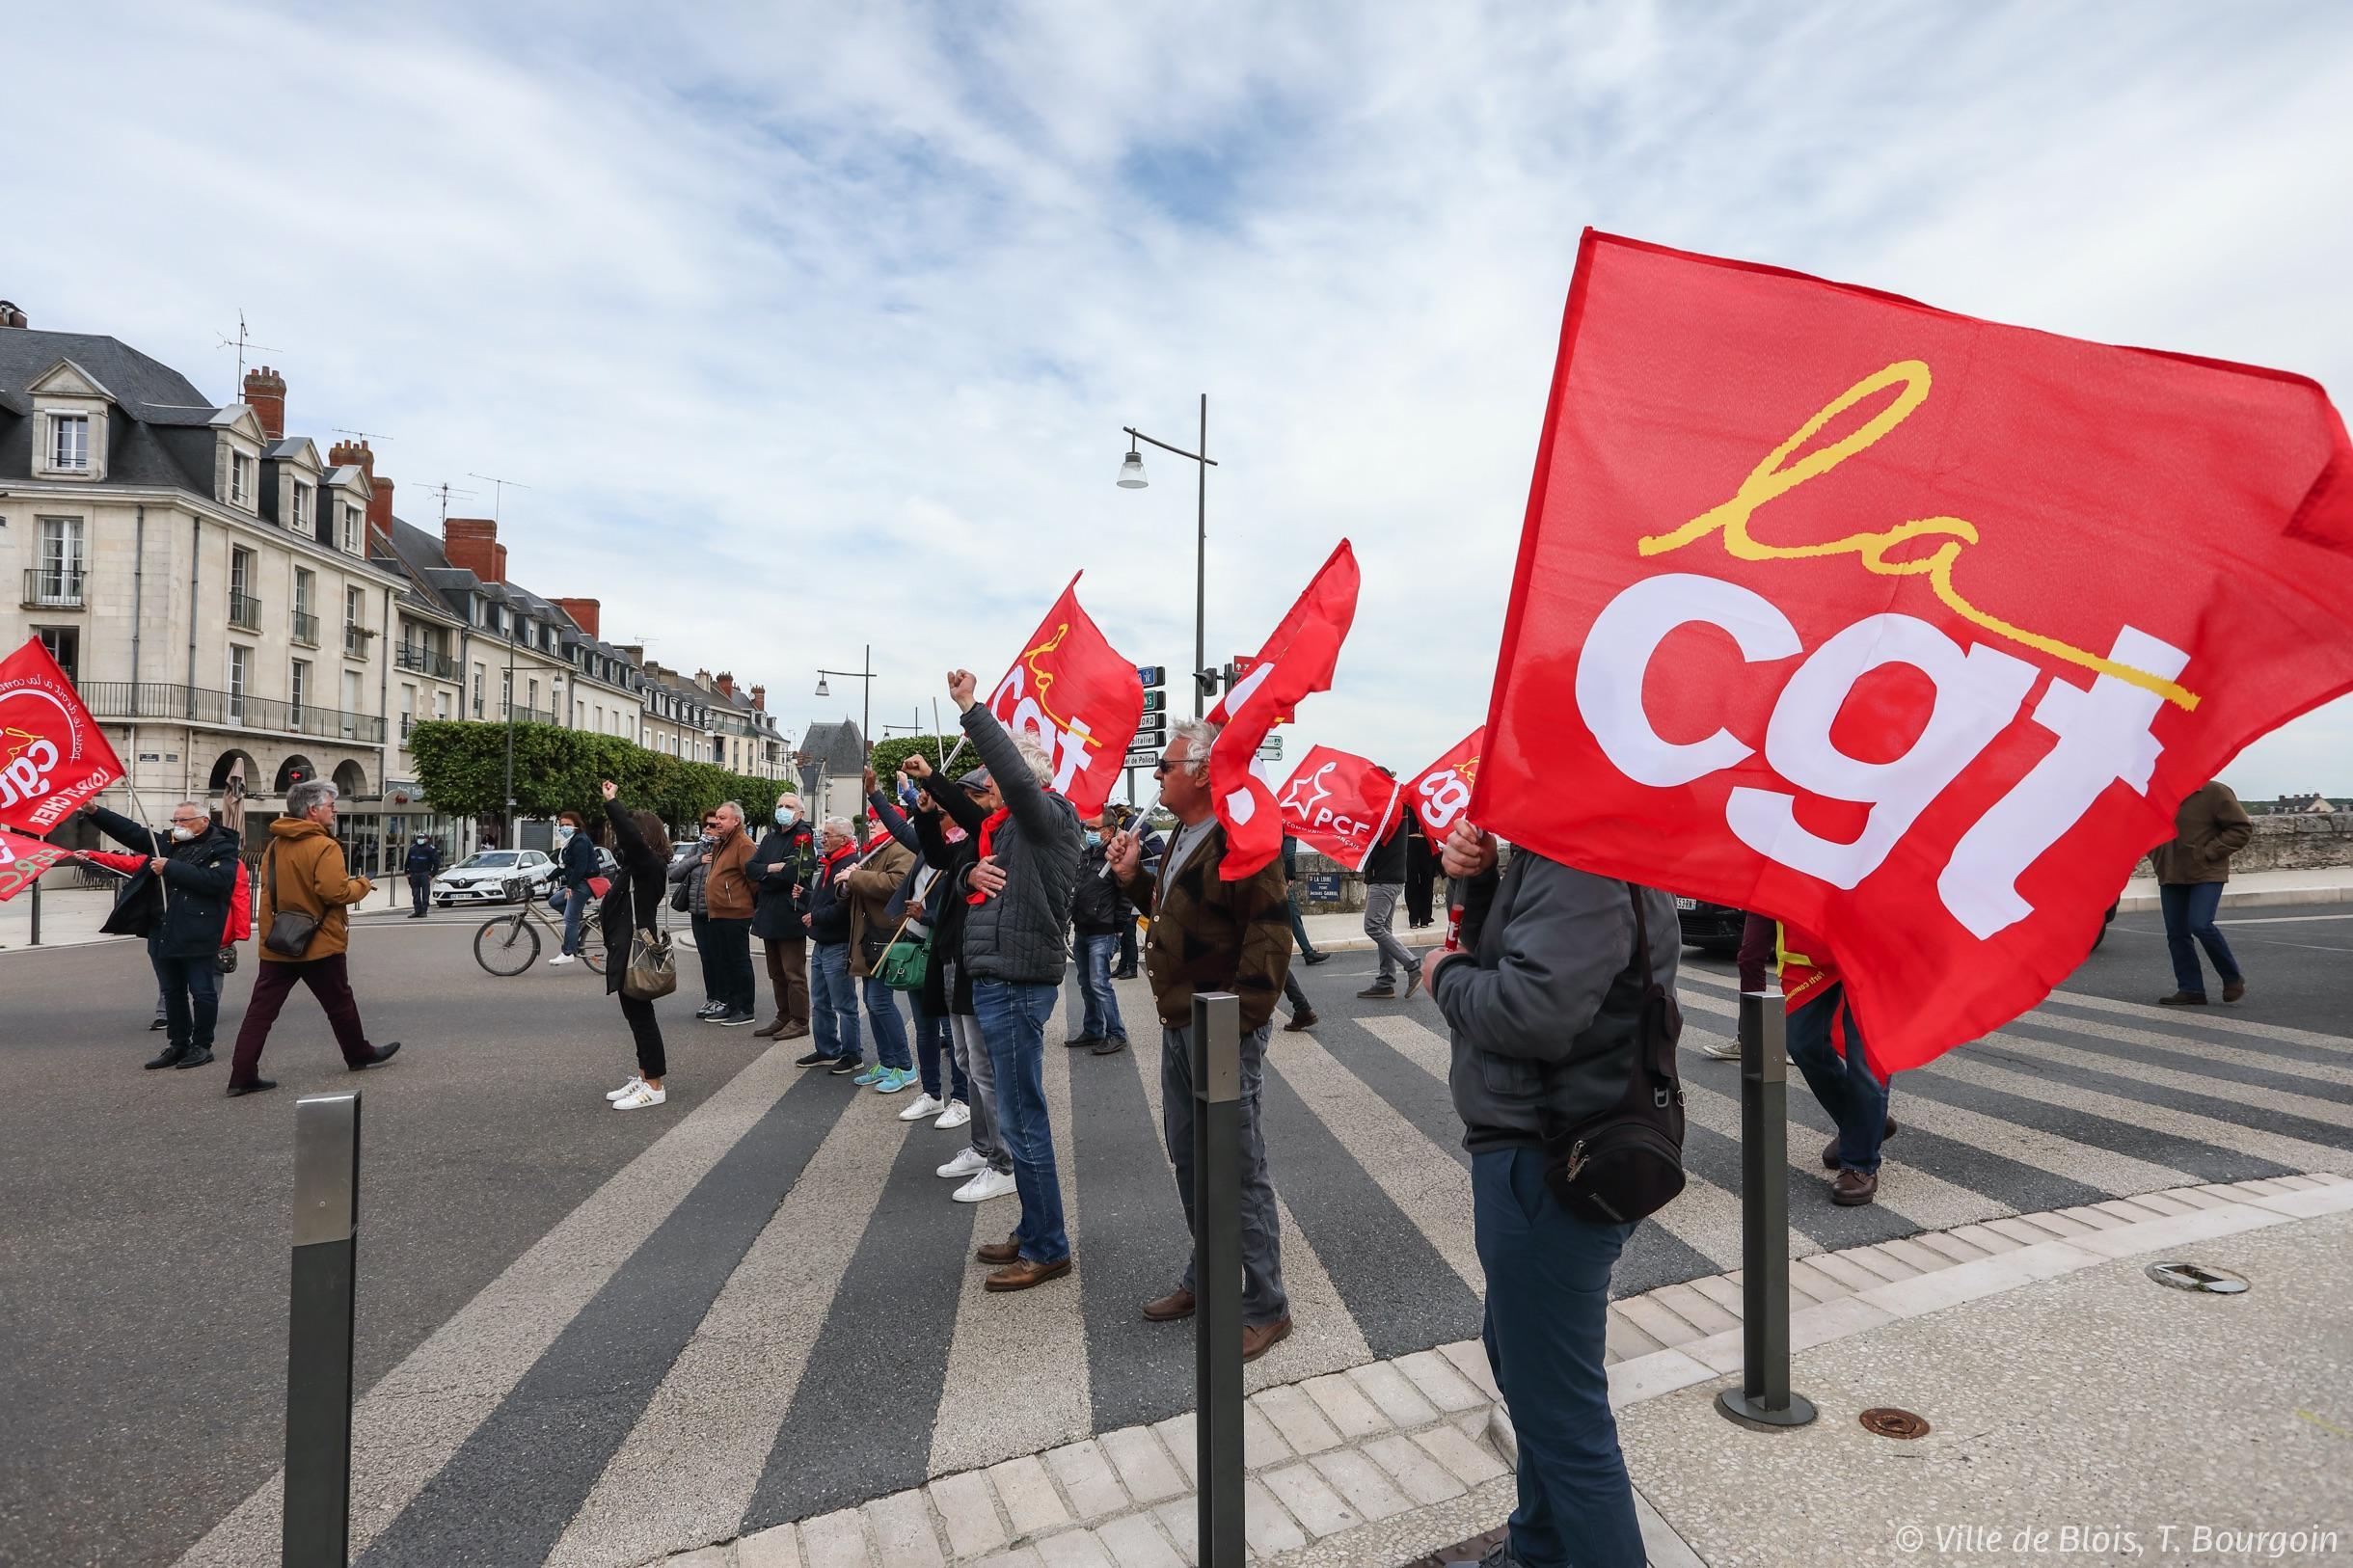 Des membres de la CGT et du parti communiste français, avec drapeaux et poings levés, rendent hommage à Cécile Rol-Tanguy.